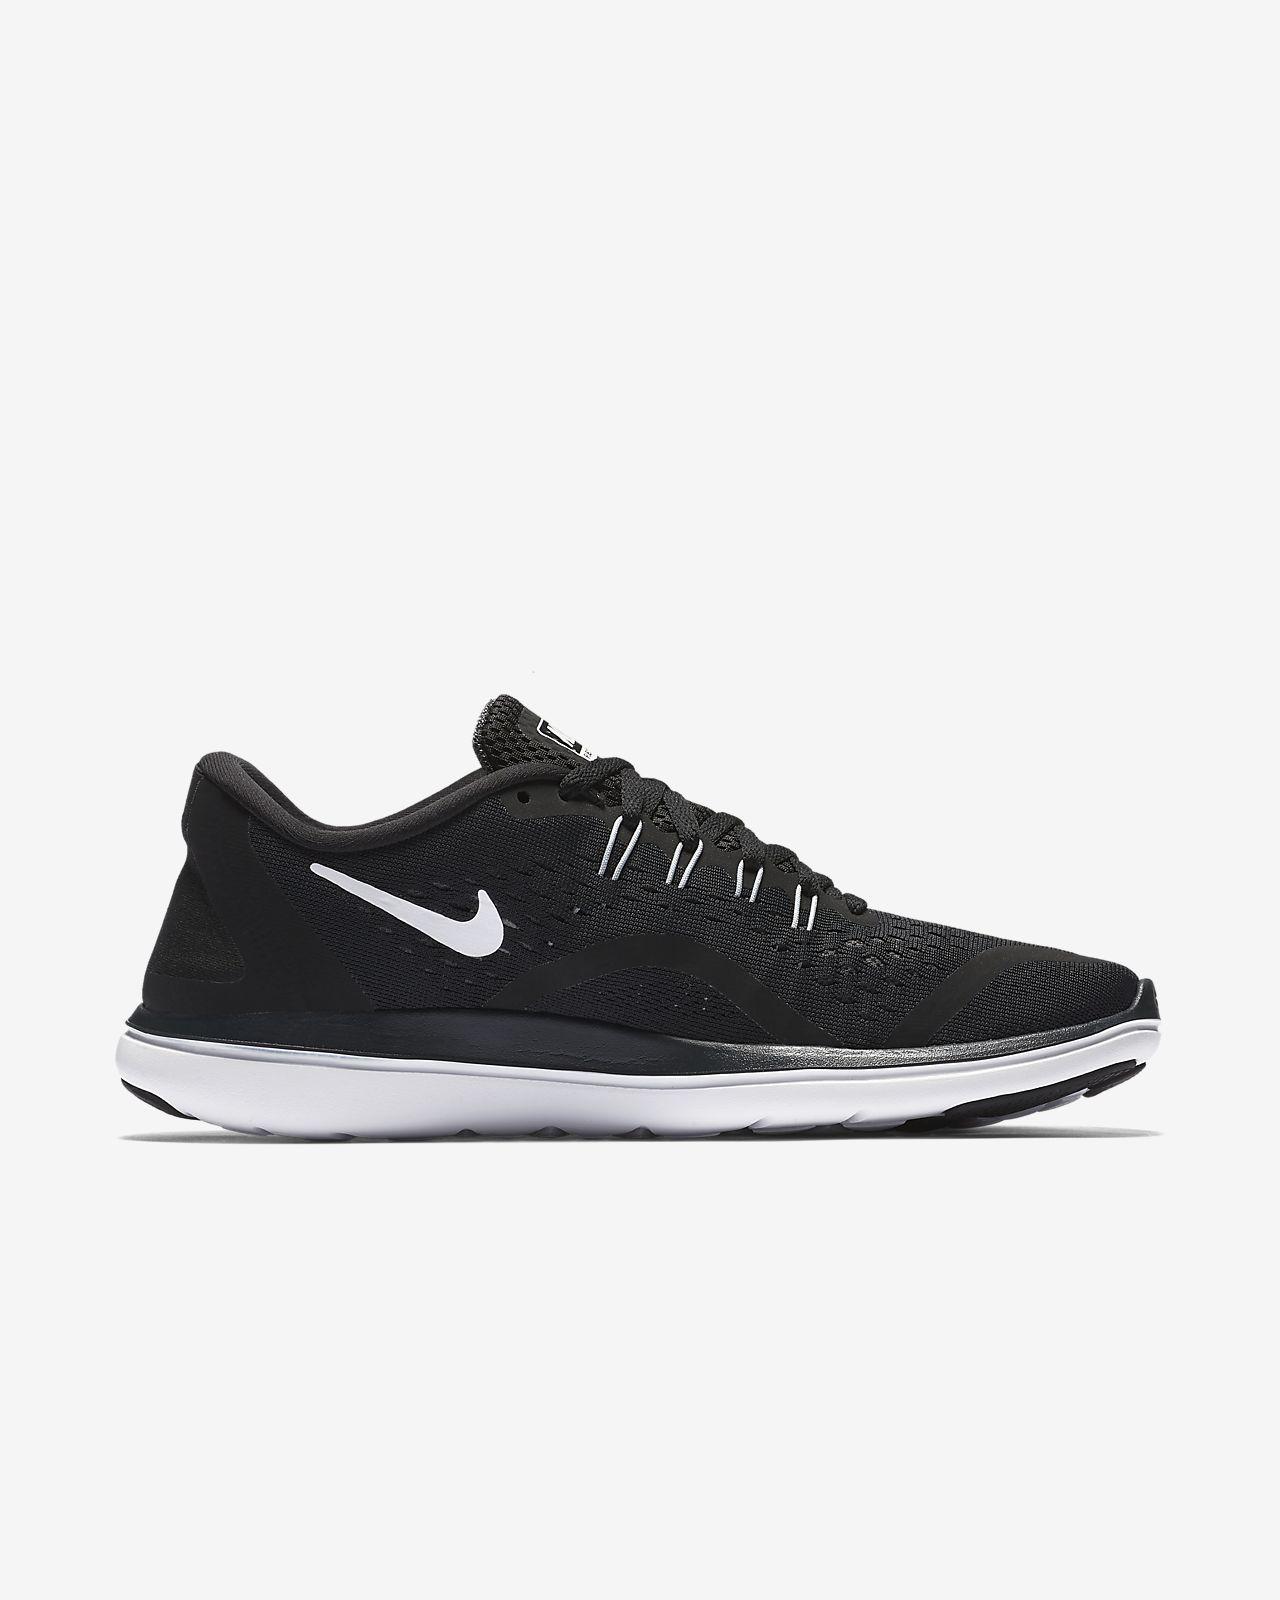 e58f432e957f0 Calzado de running para mujer Nike Flex 2017 RN. Nike.com CL